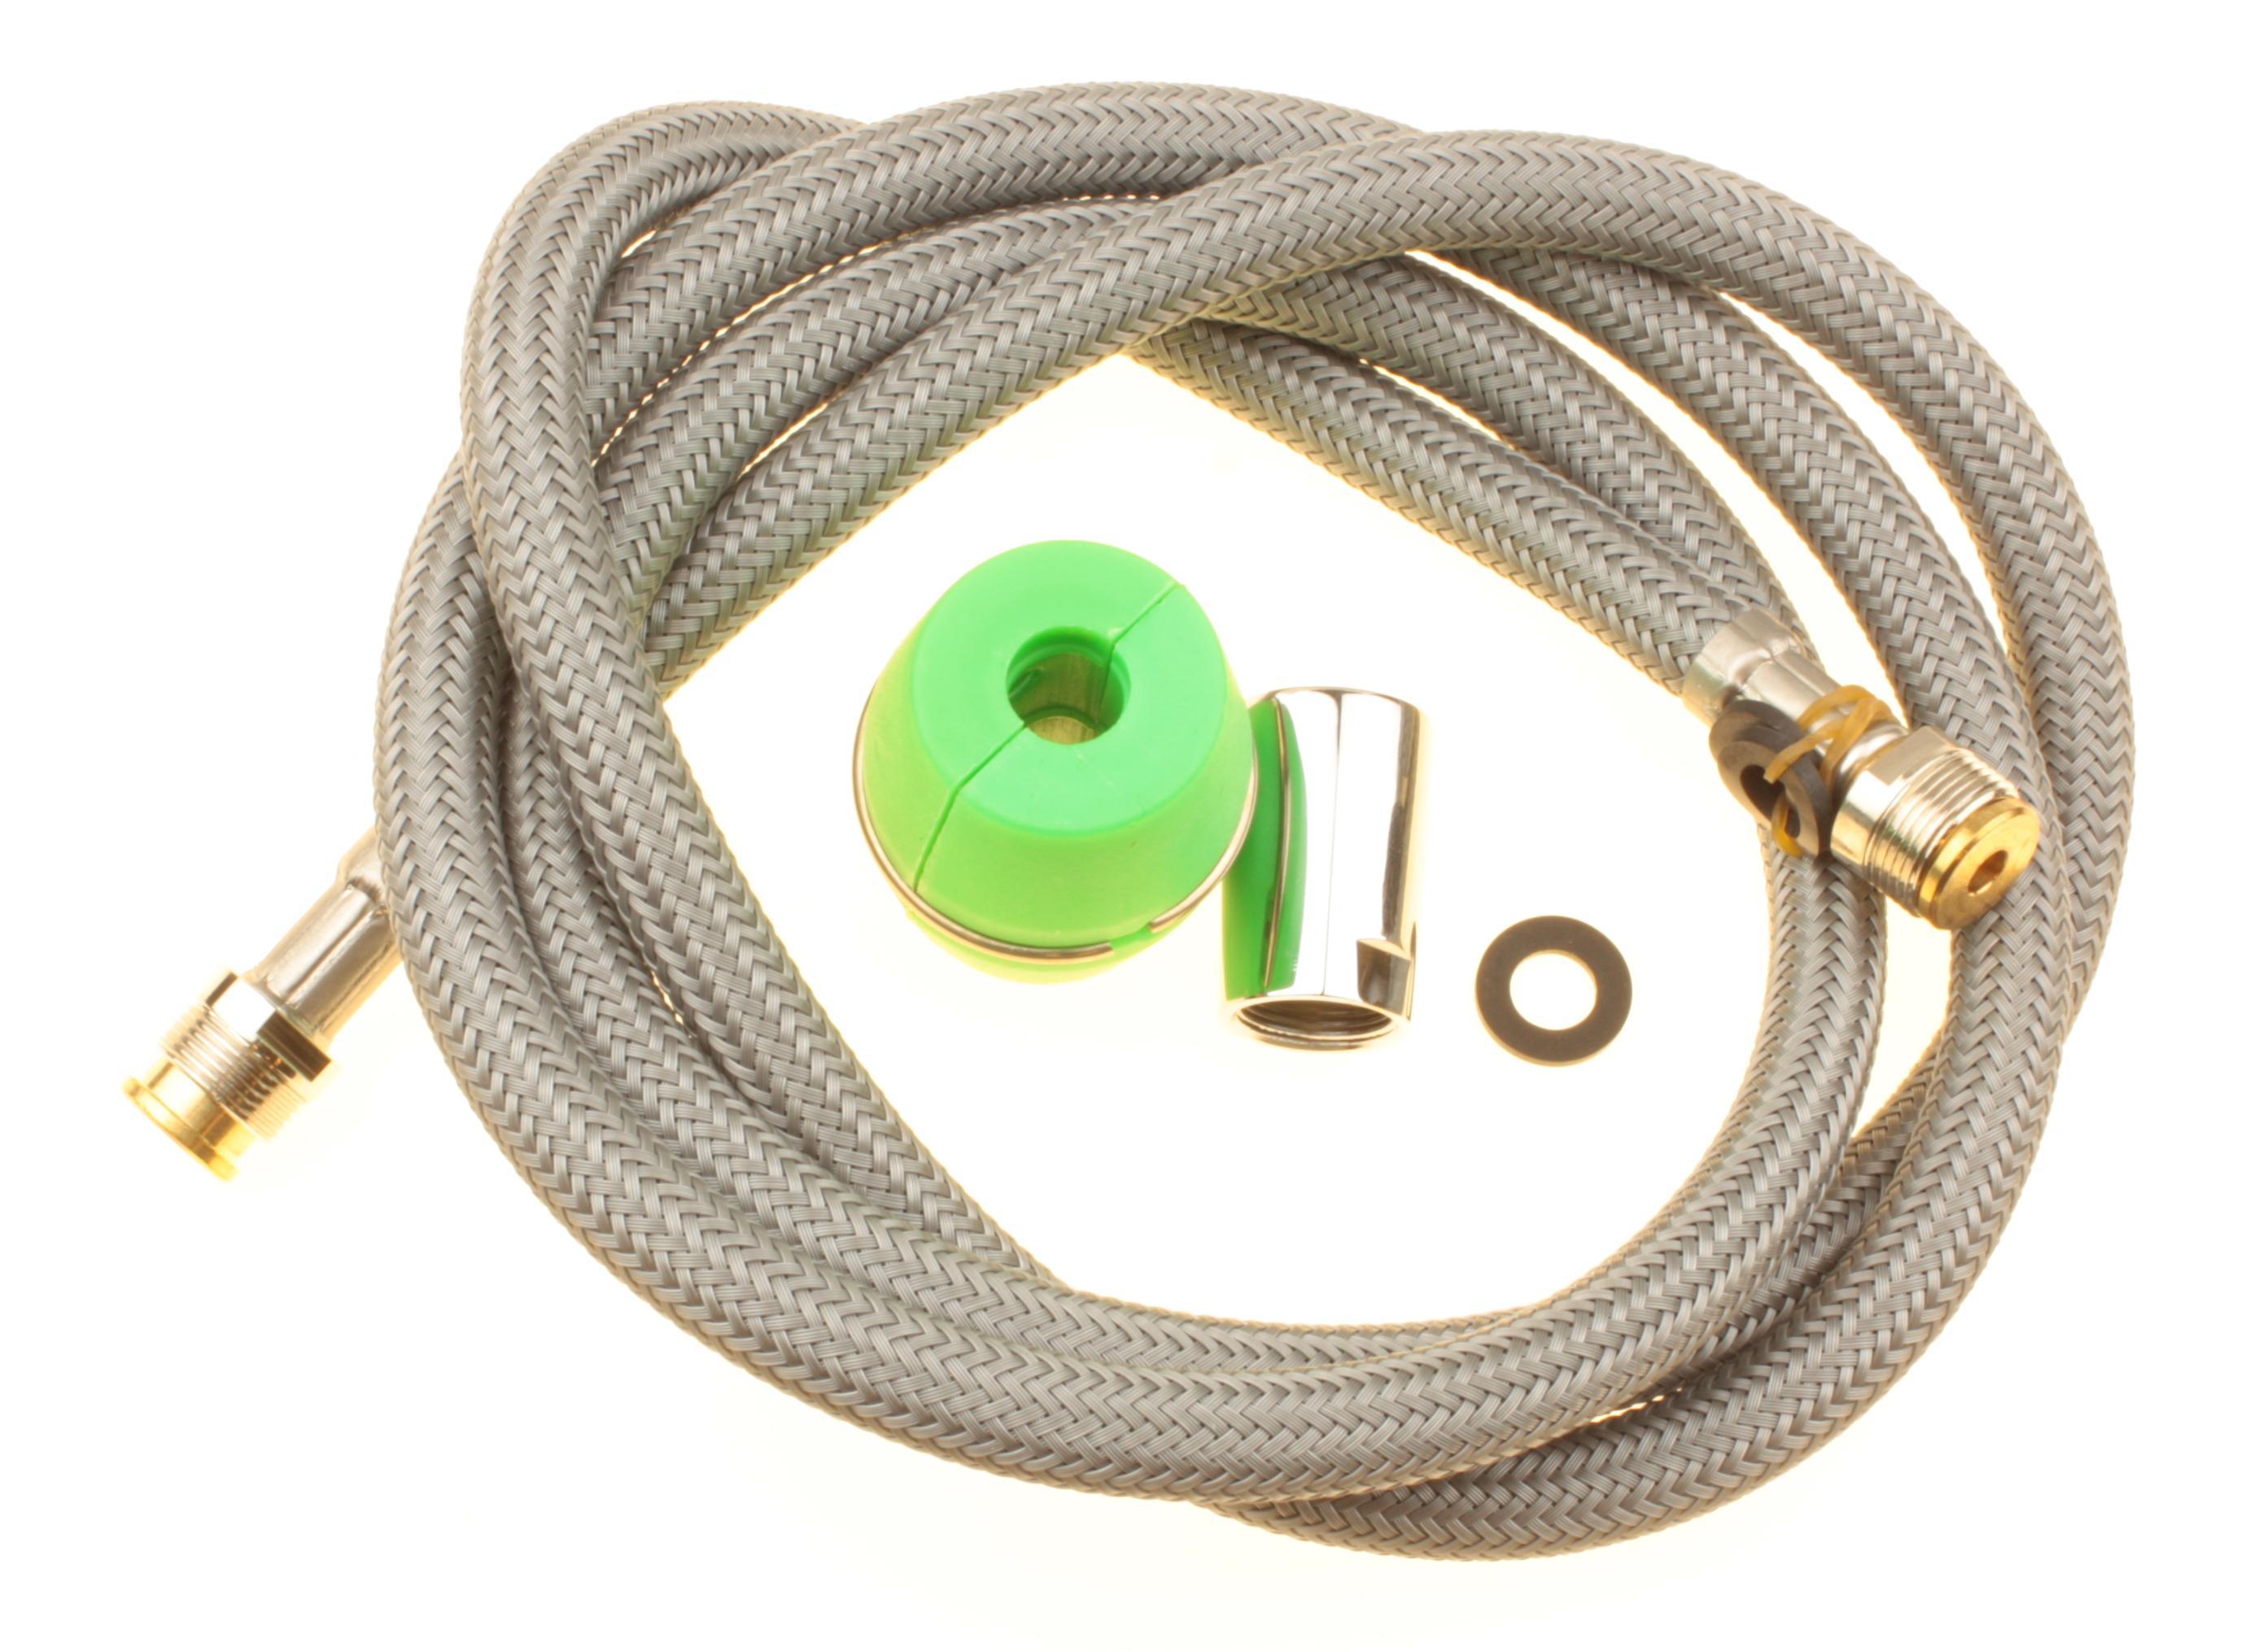 Запасные части TEKA 1037800 шланг выдвижного смесителя, наличие на складе сервисного центра.